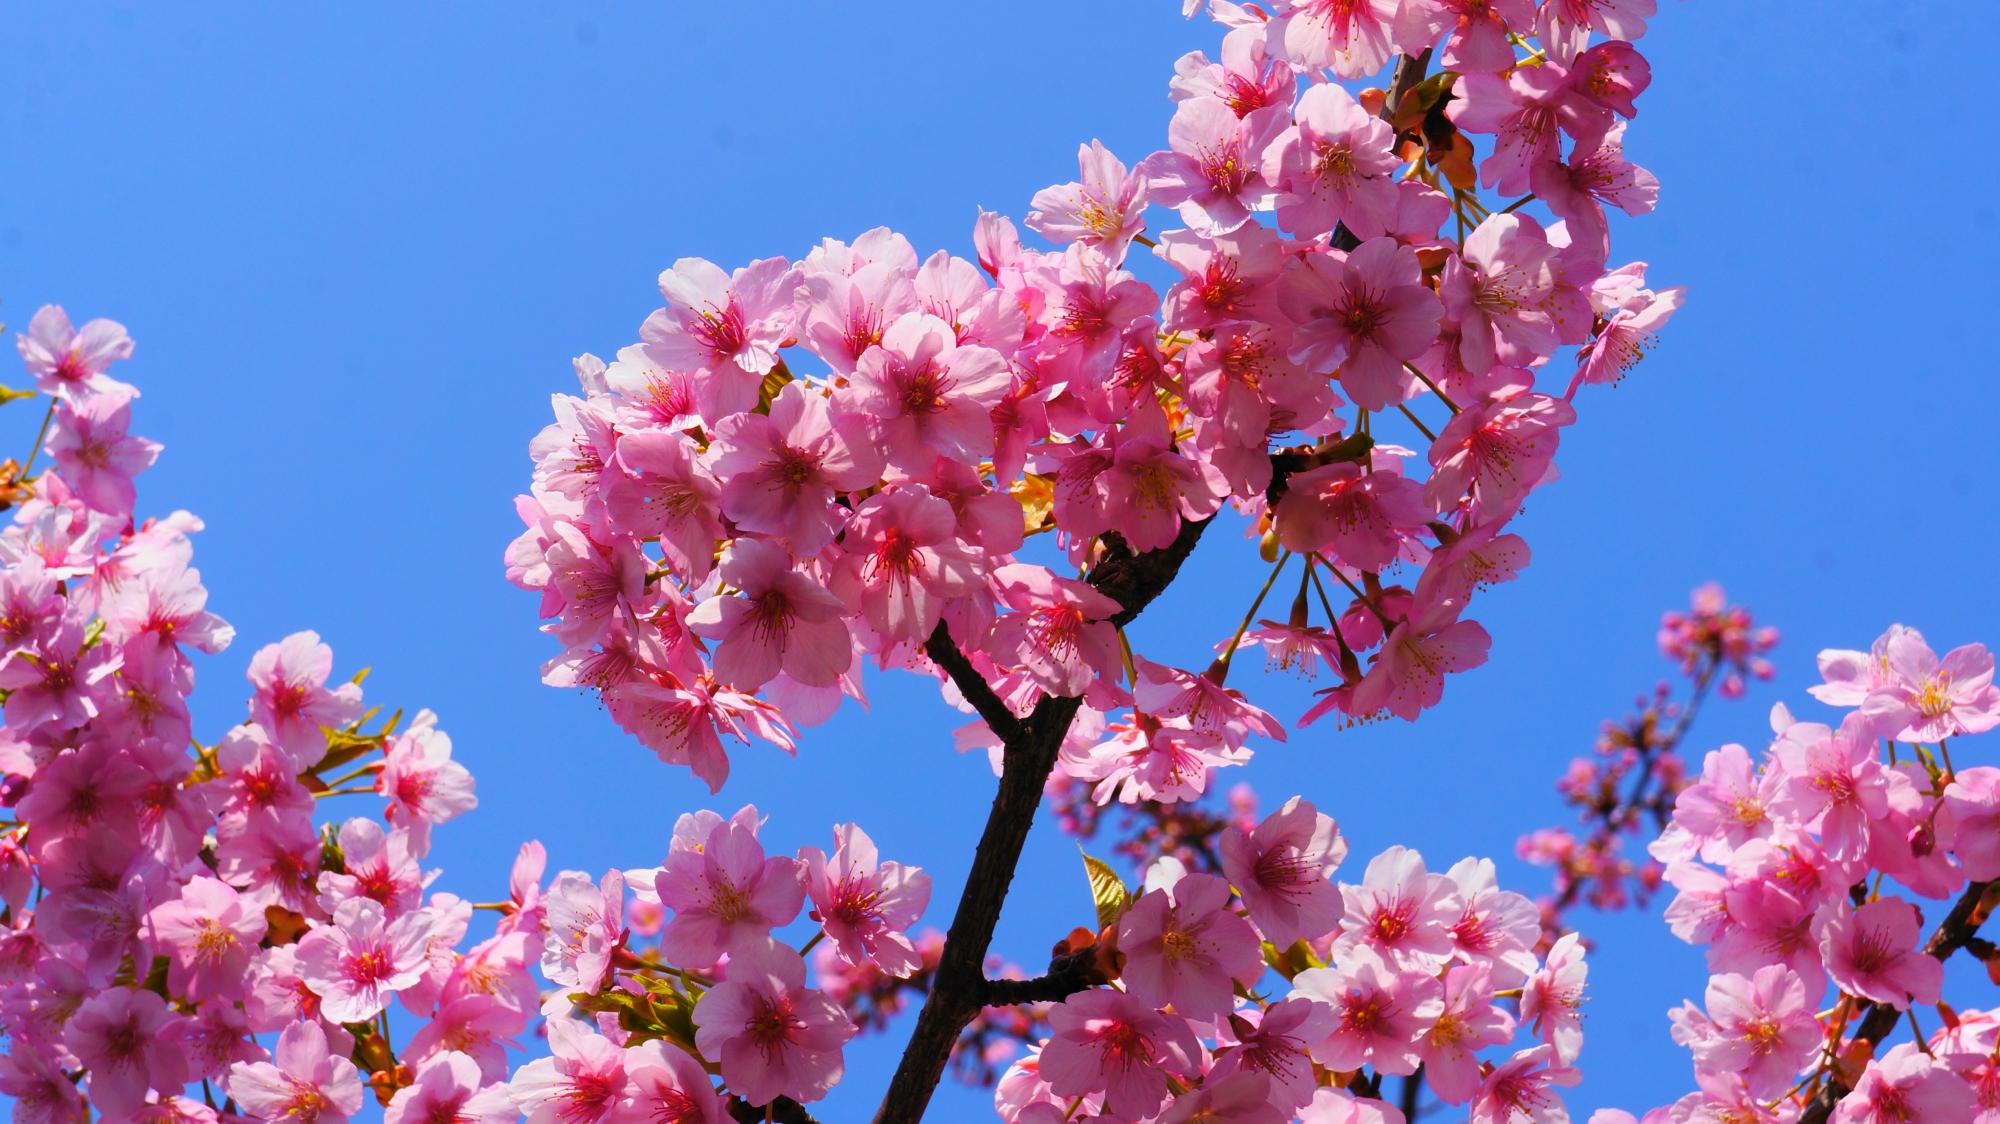 太陽をいっぱいに浴びた繊細で可愛いピンクの花